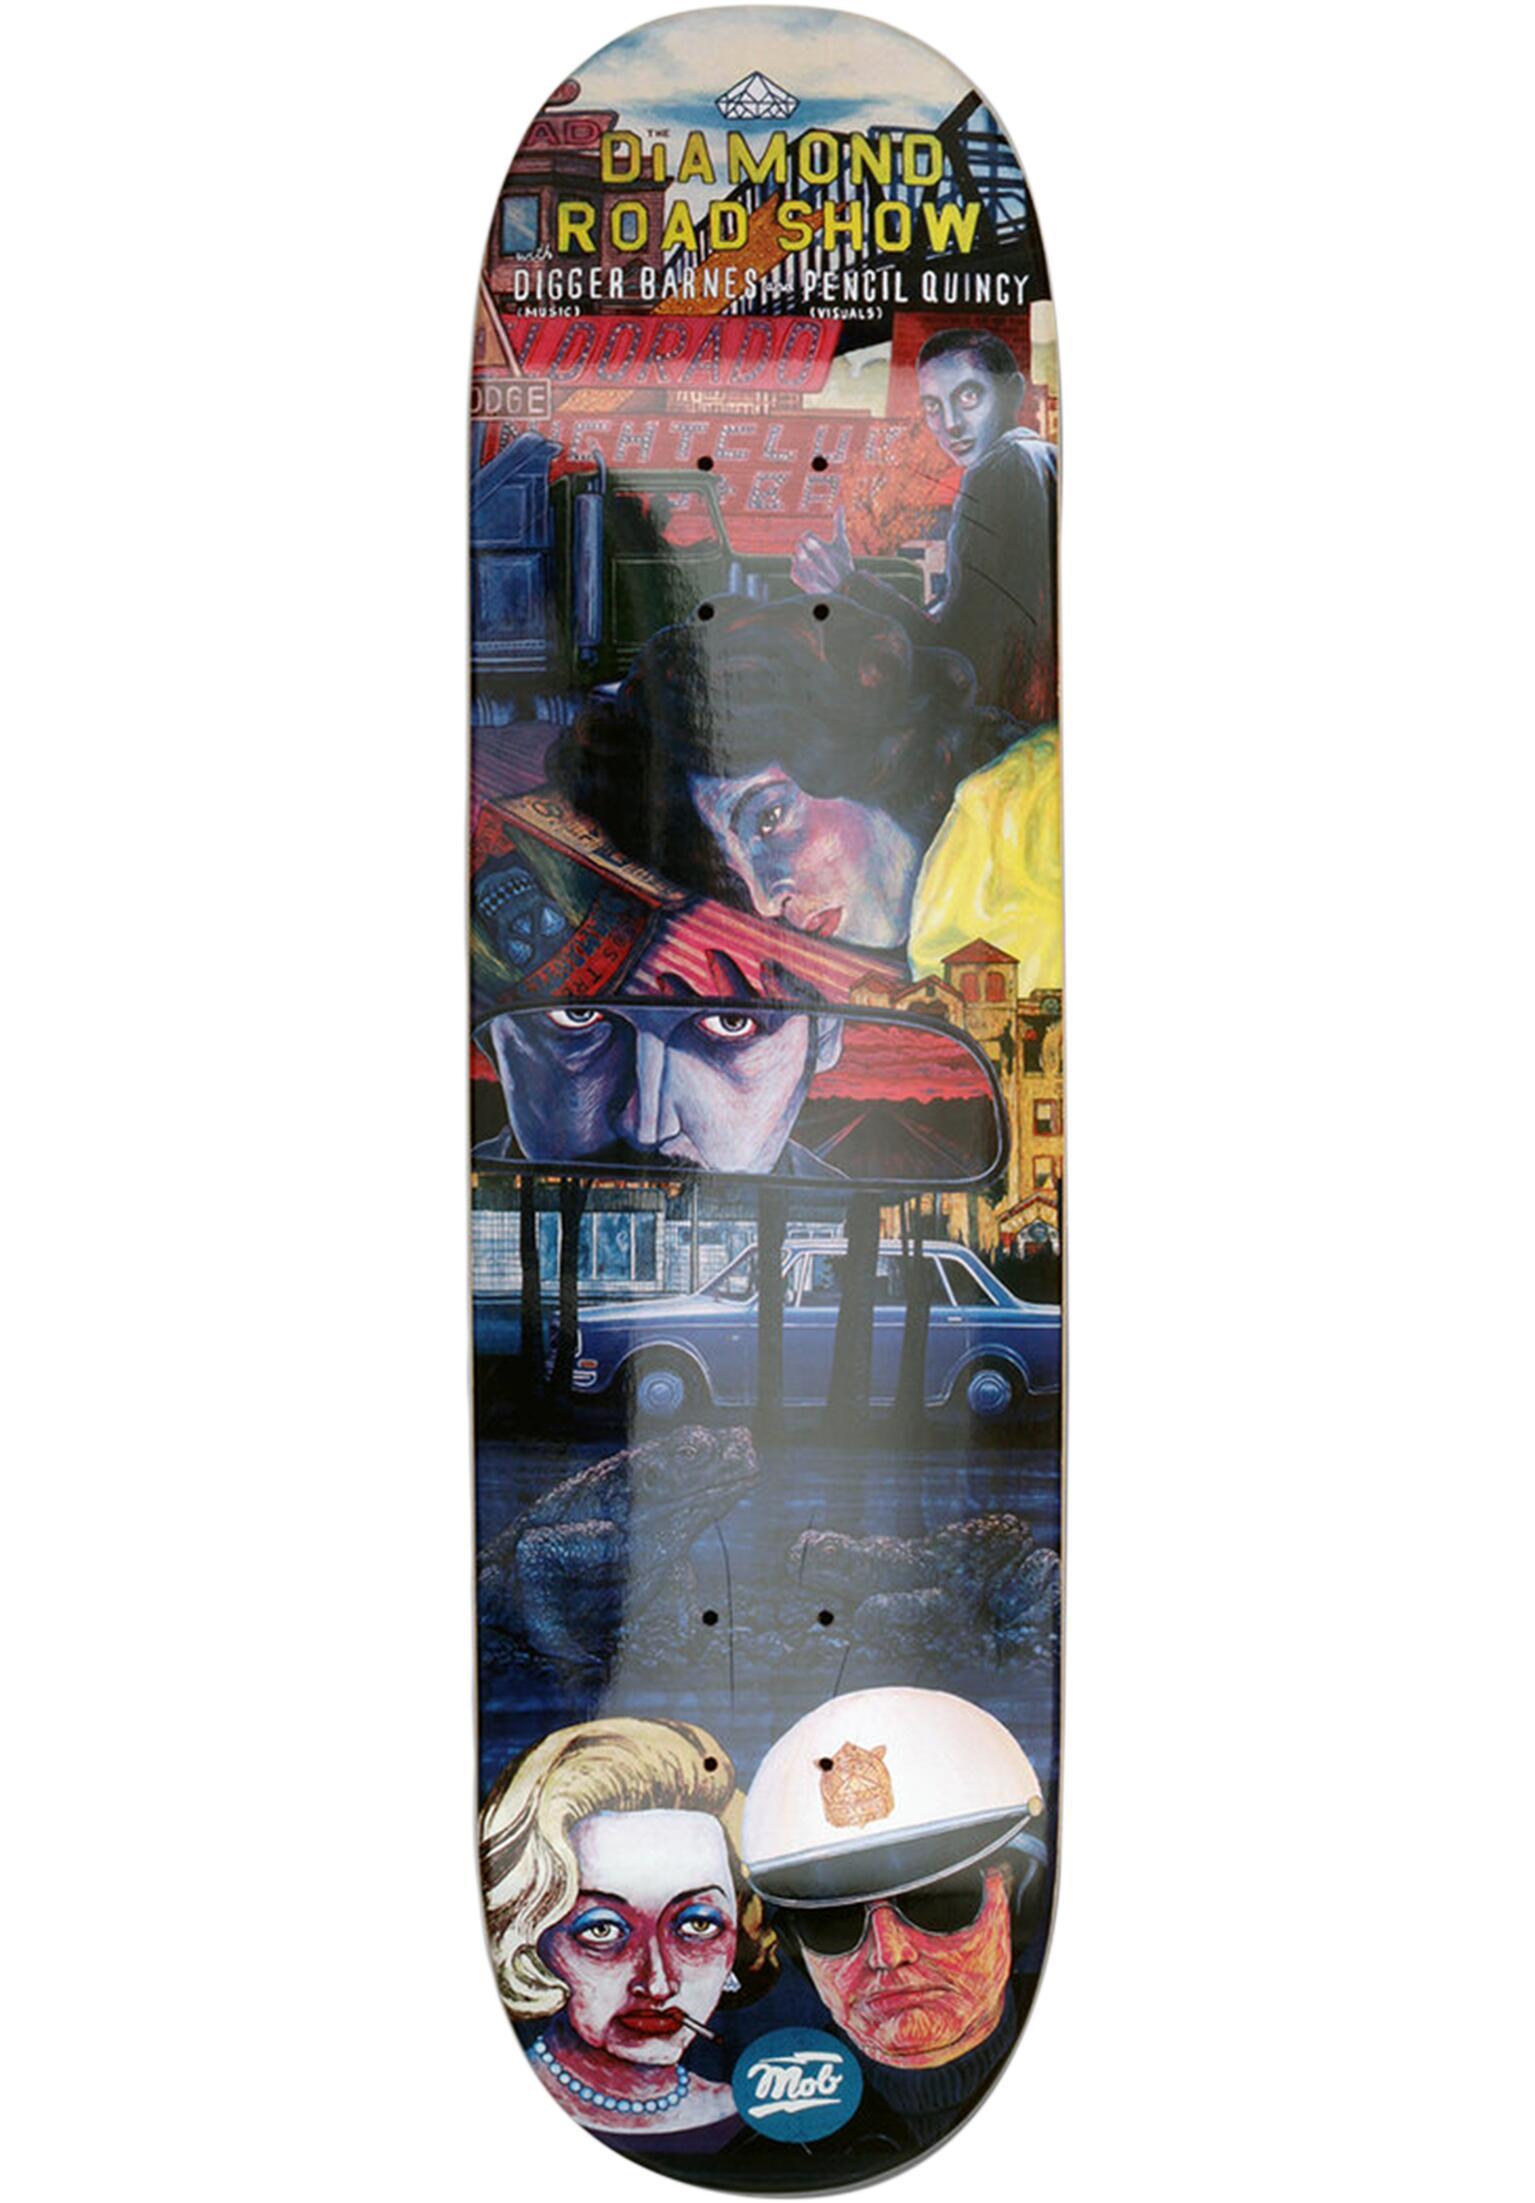 e46abd0d899 Get Skateboard Decks in the Titus Onlineshop